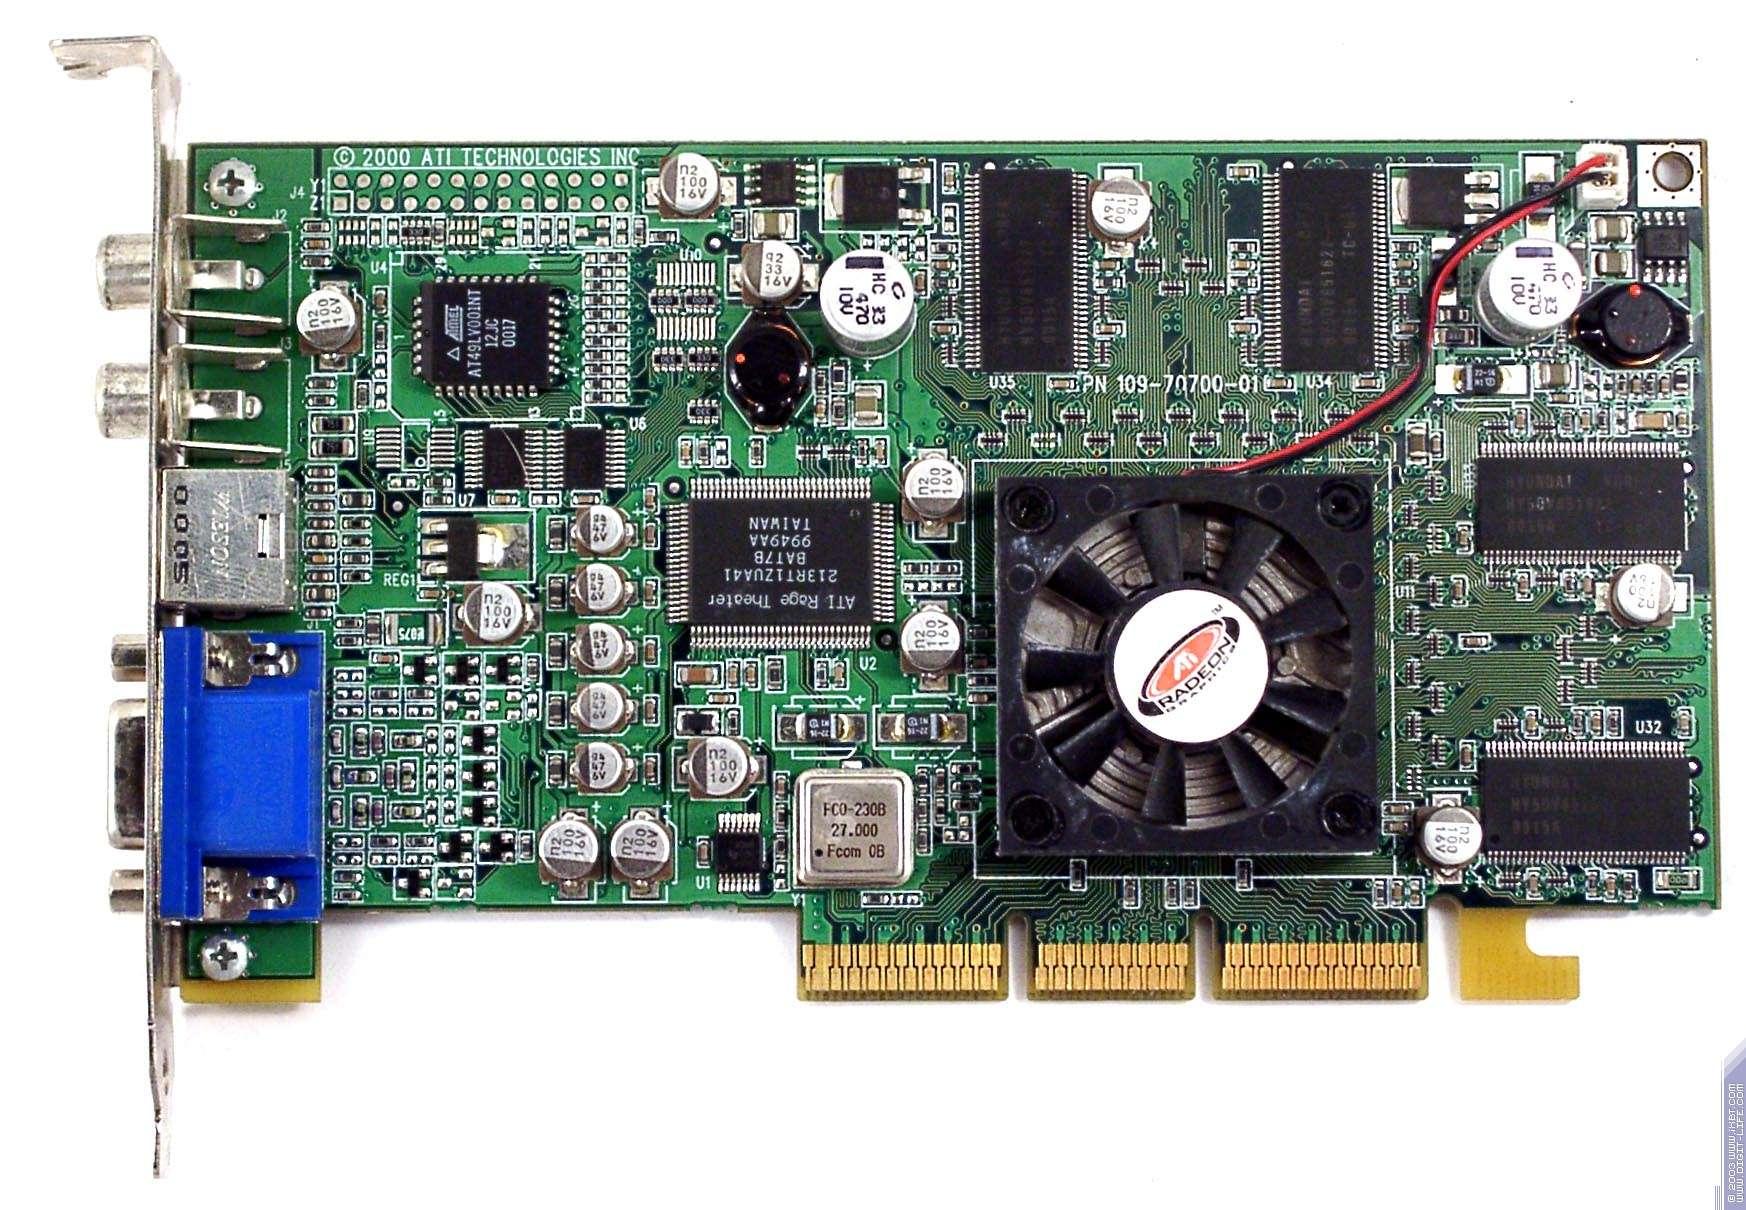 WDM ДРАЙВЕР ДЛЯ ATI AMD RADEON X1600-1650 ДЛЯ ВИНДОВС 8.1 32BIT СКАЧАТЬ БЕСПЛАТНО